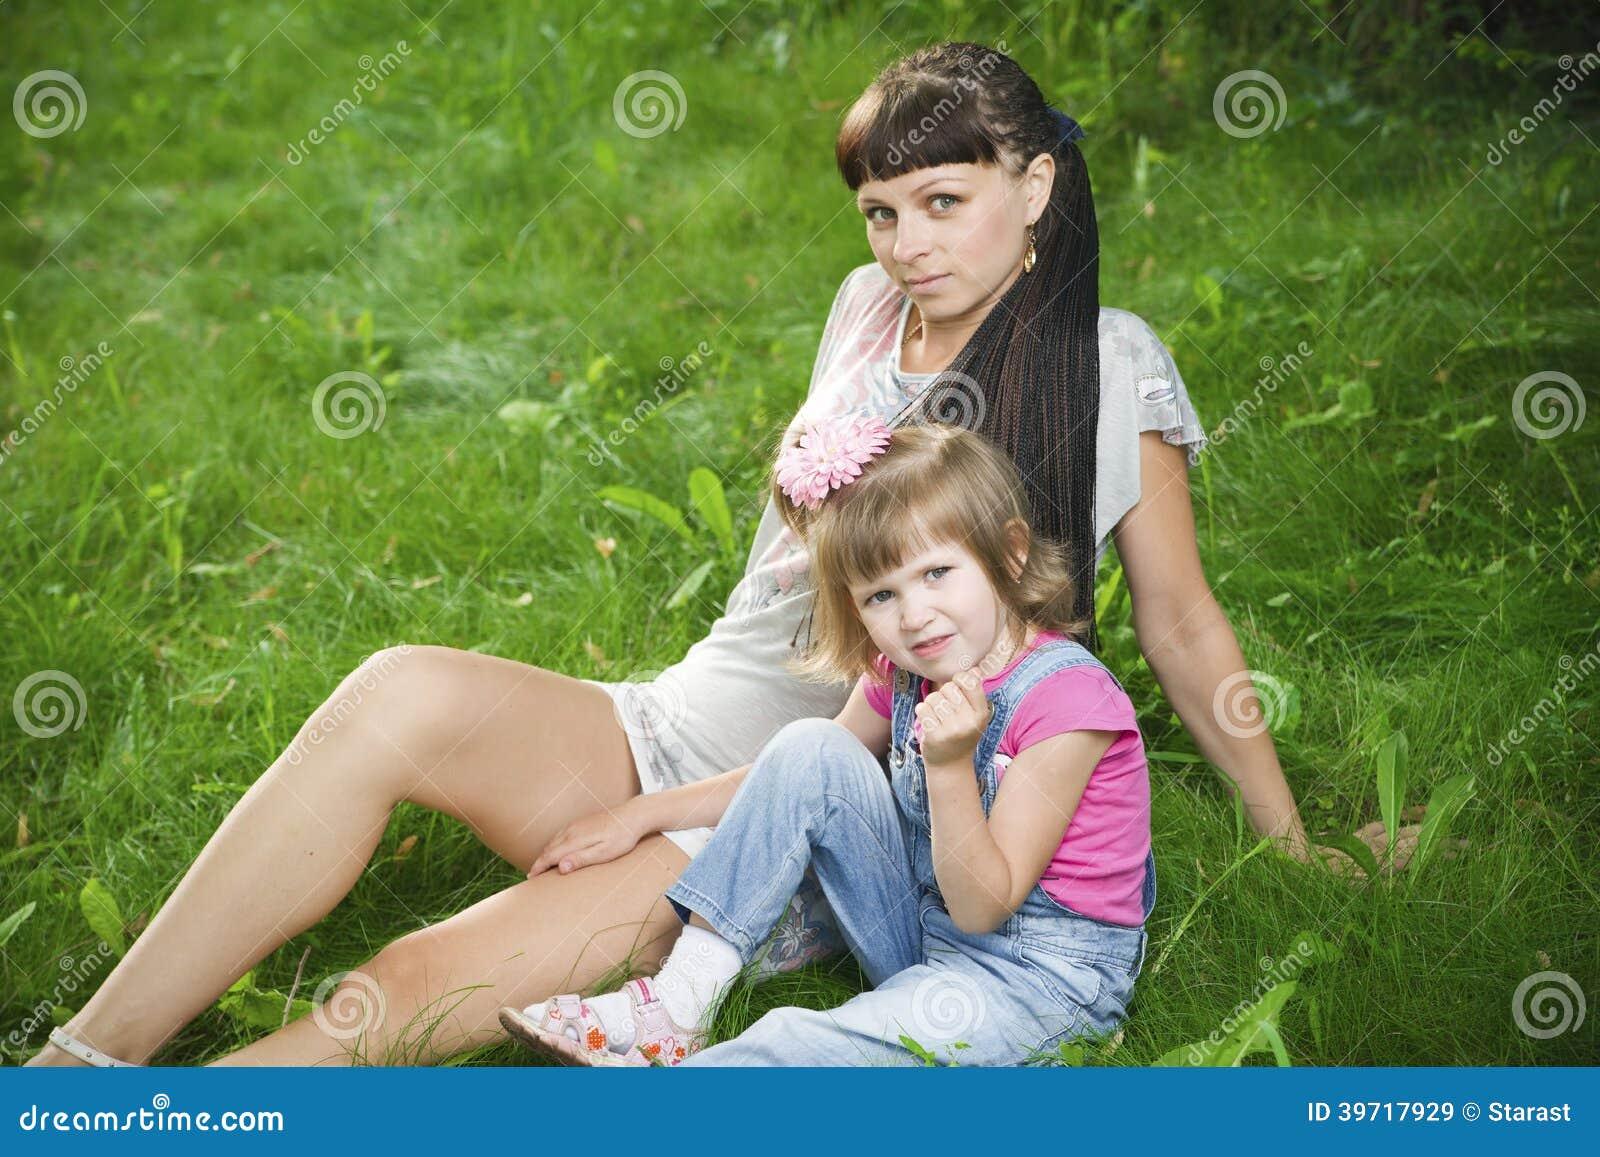 Мамочка молоденькая